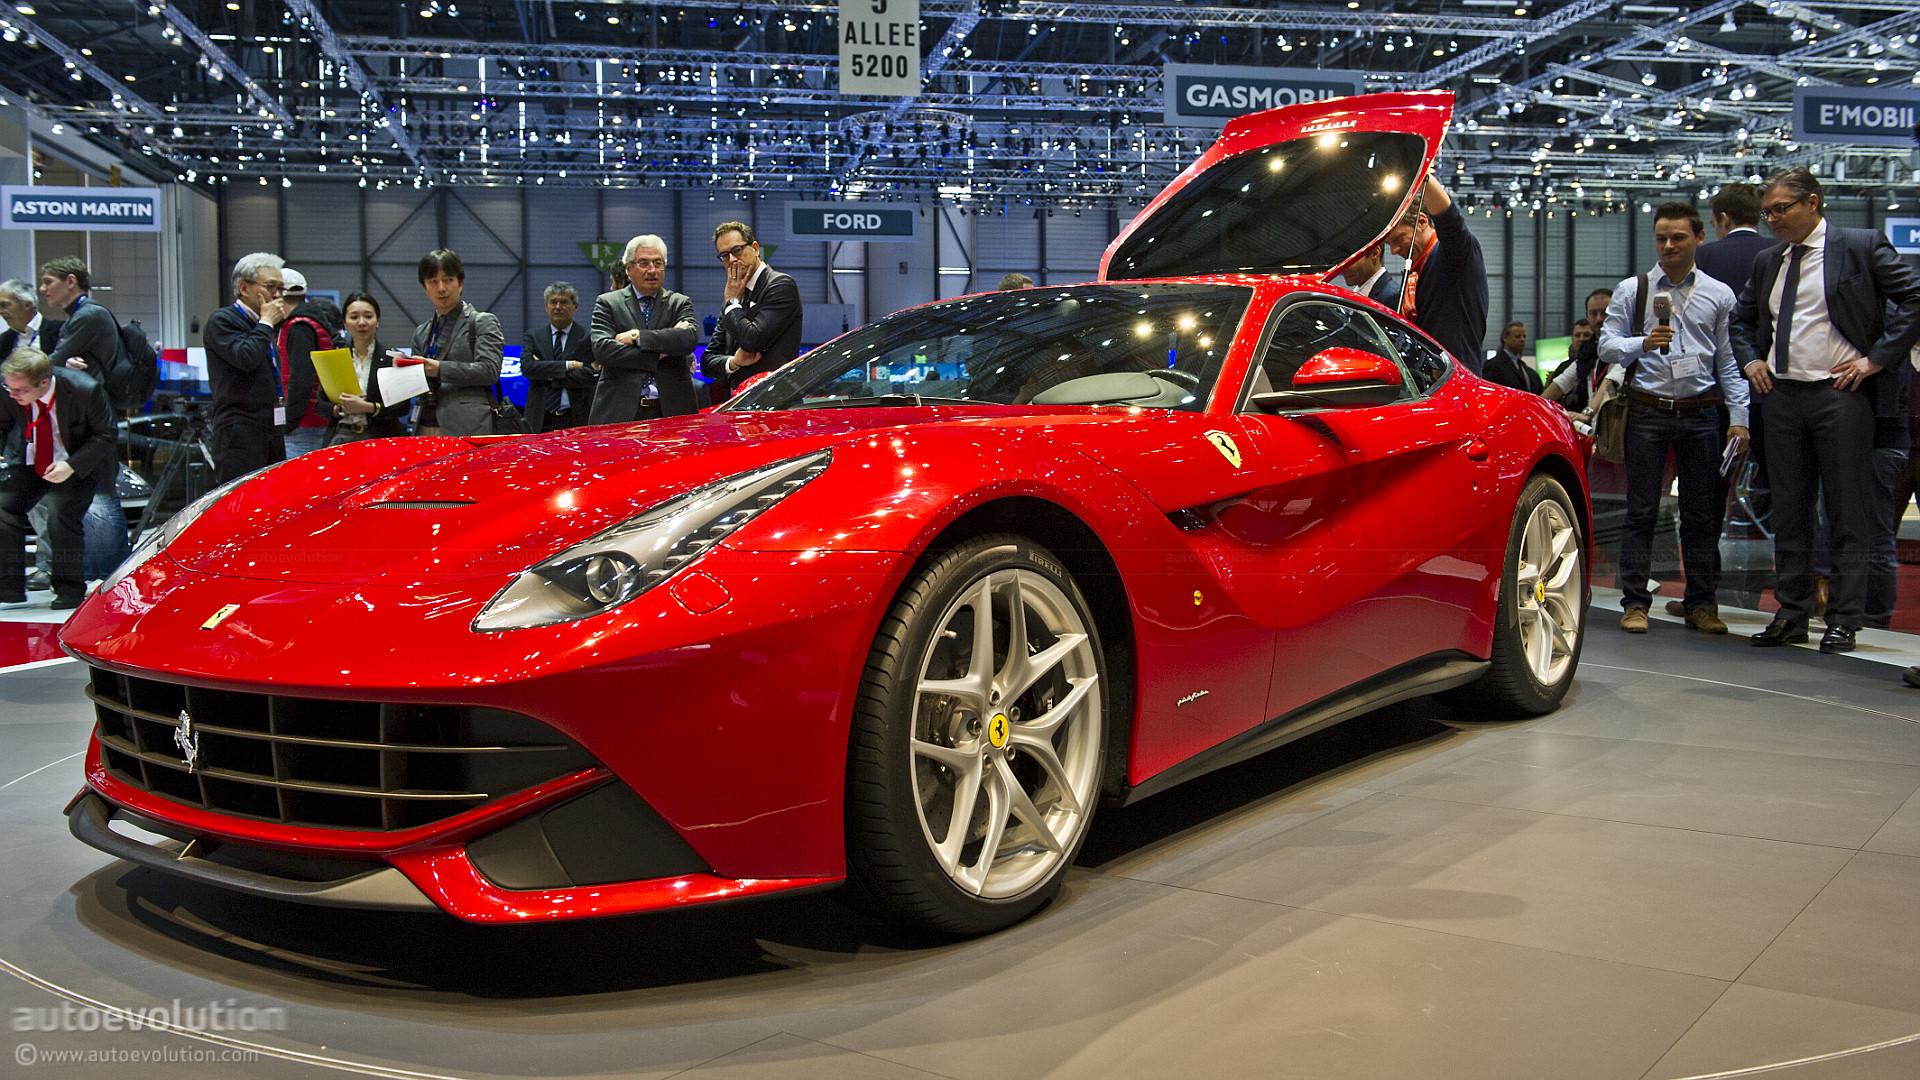 2012 Ferrari F12 Berlinetta Price Ferrari F12 Berlinetta